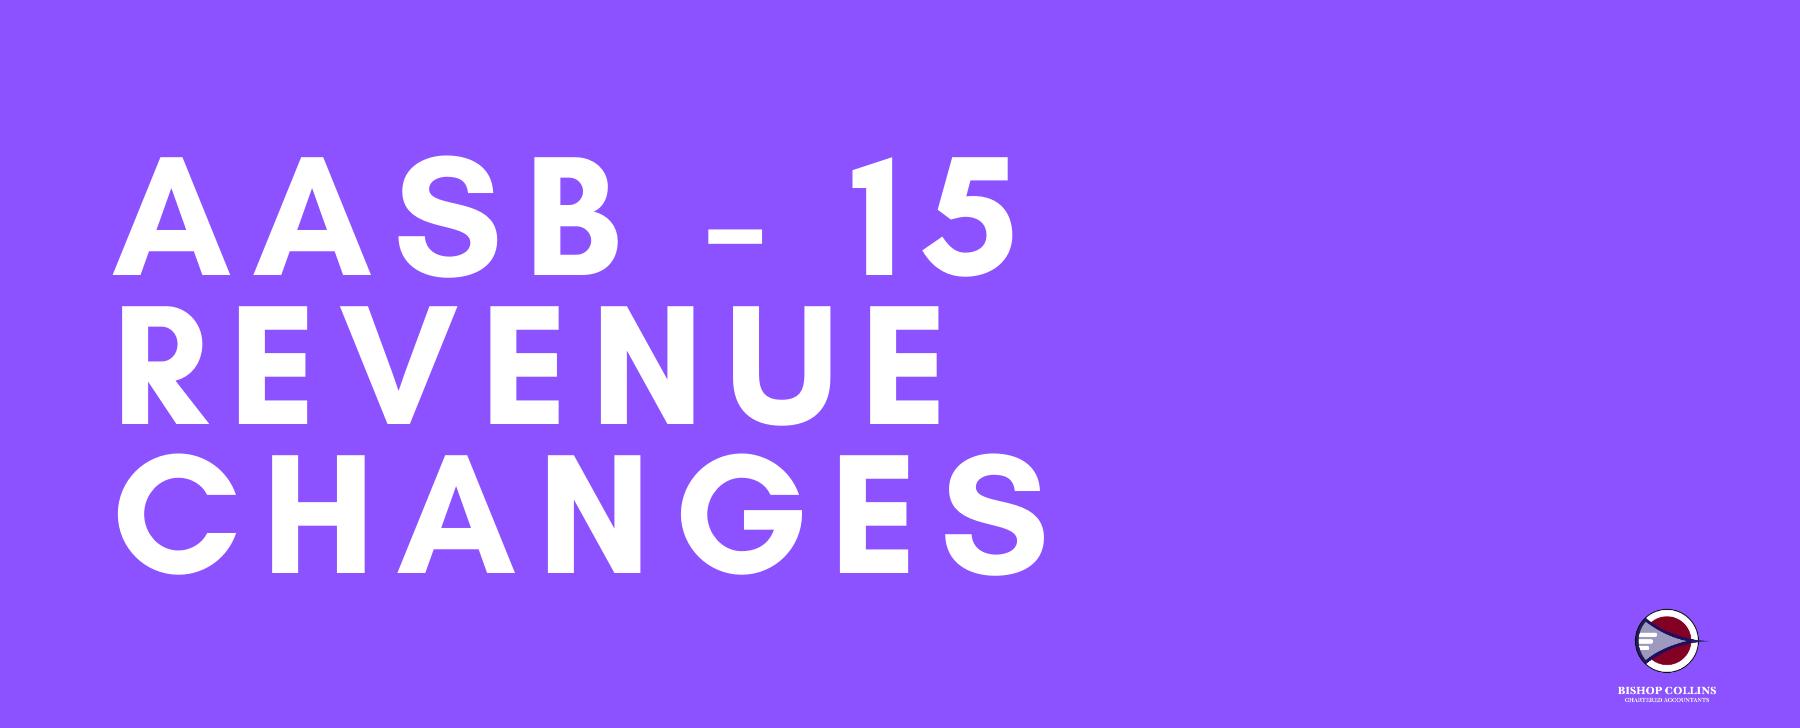 AASB-15 Revenue Changes